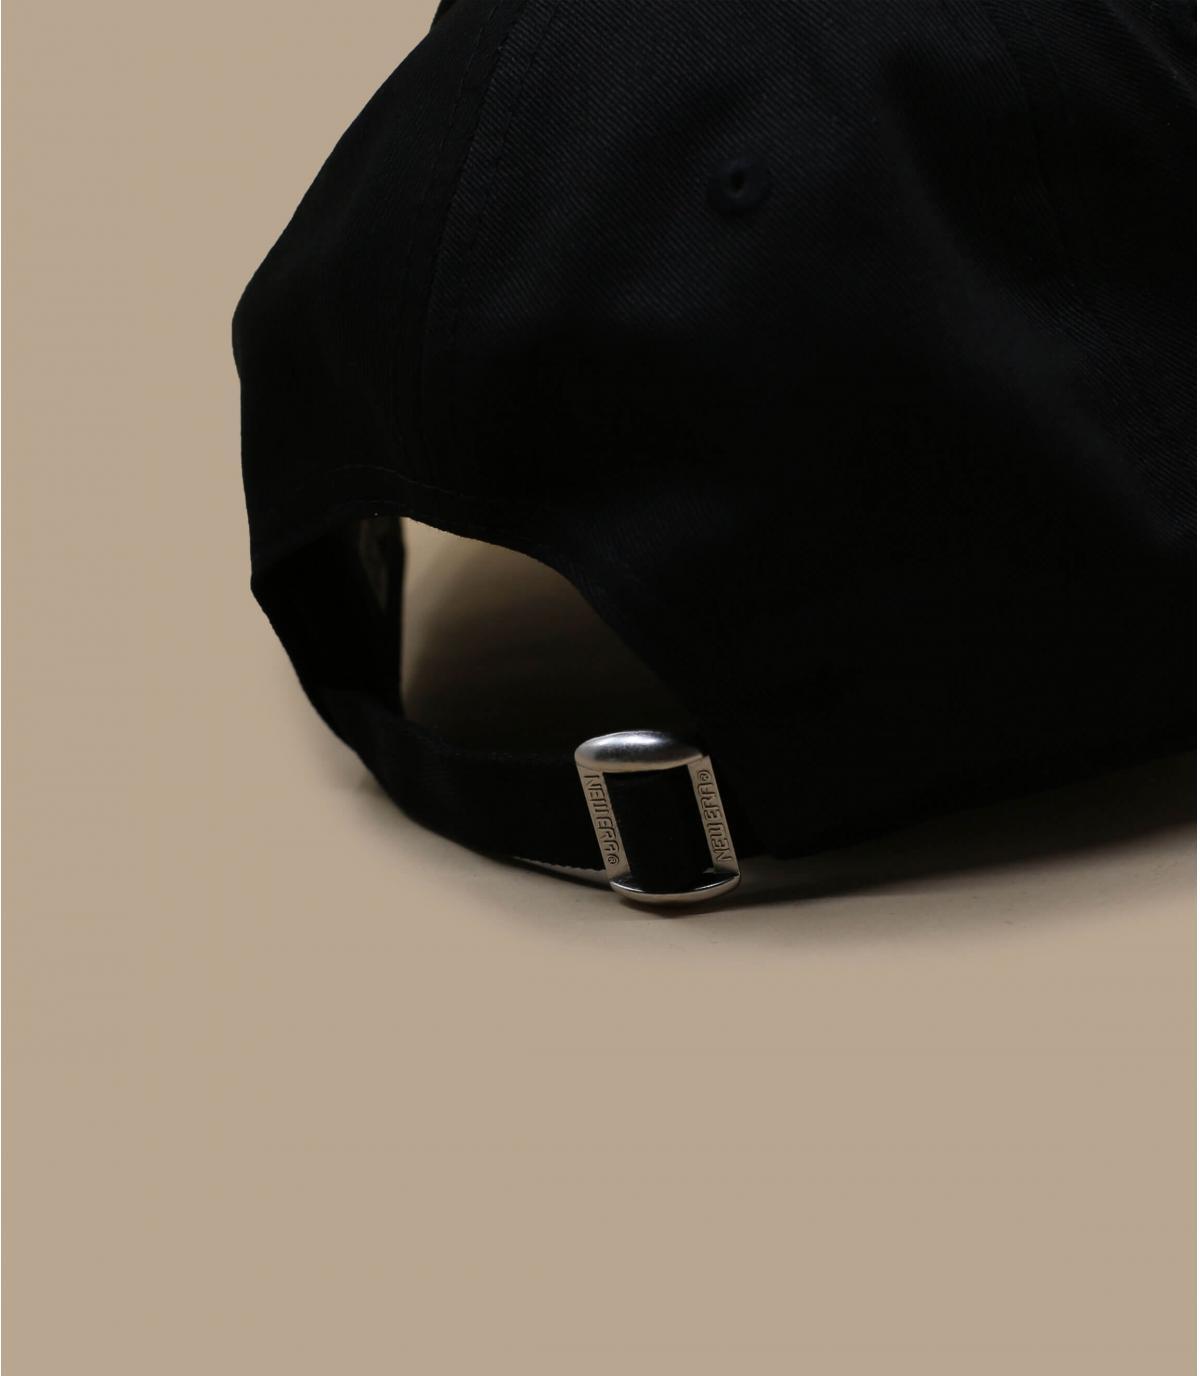 Detalles Basic Cap black white imagen 4